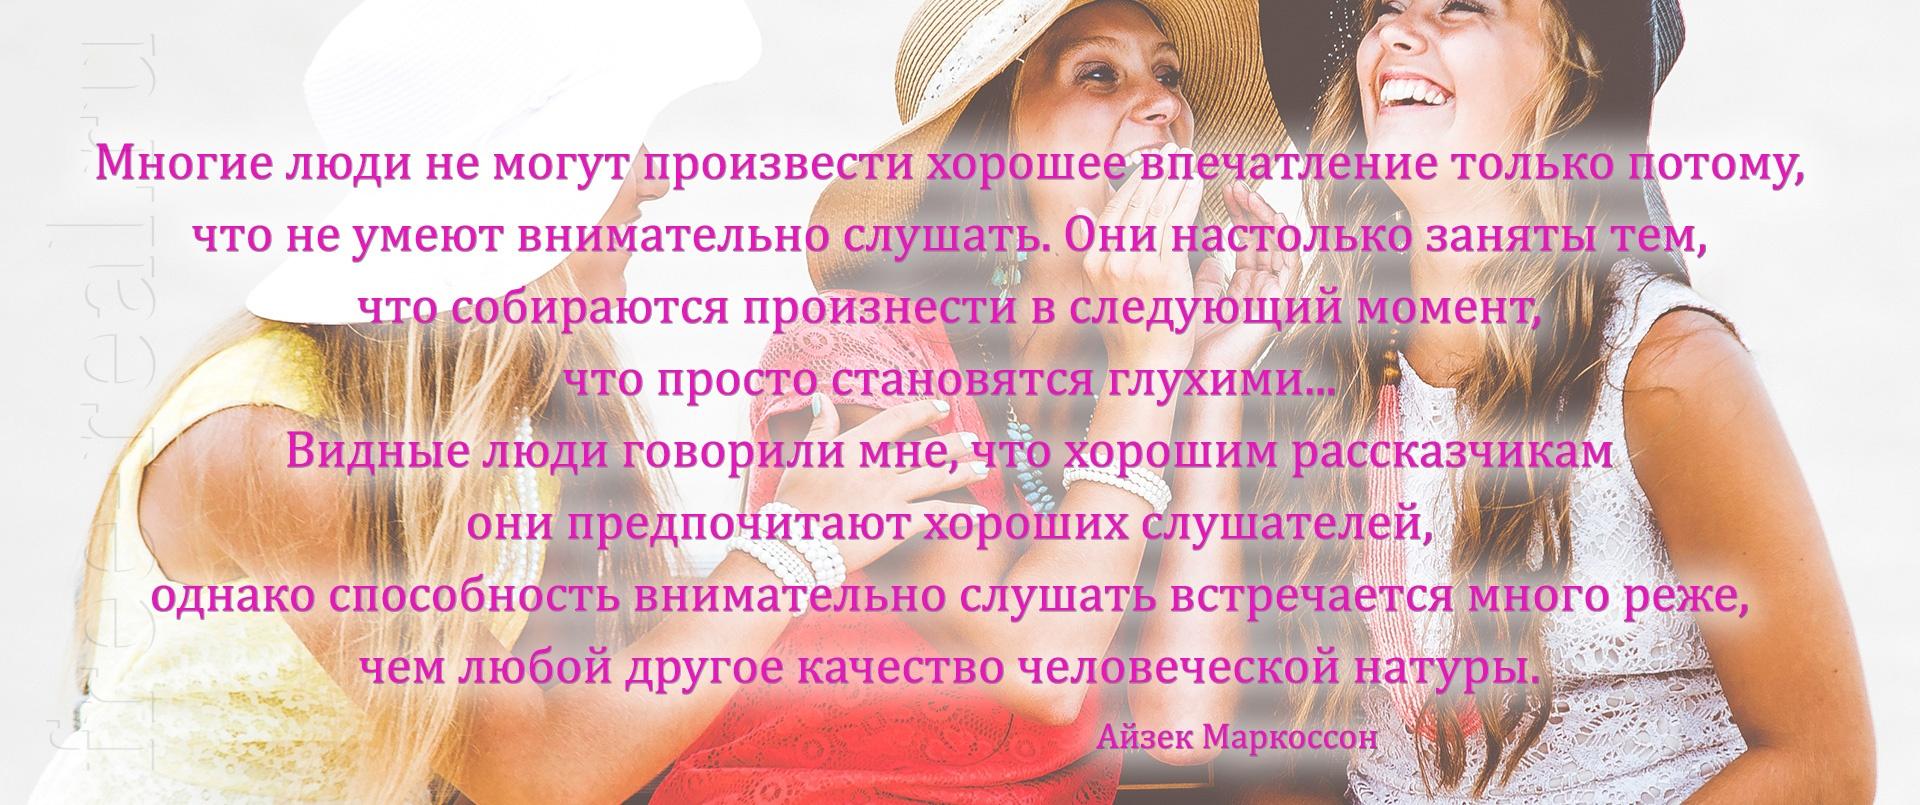 цитаты успешных людей, цитаты известных